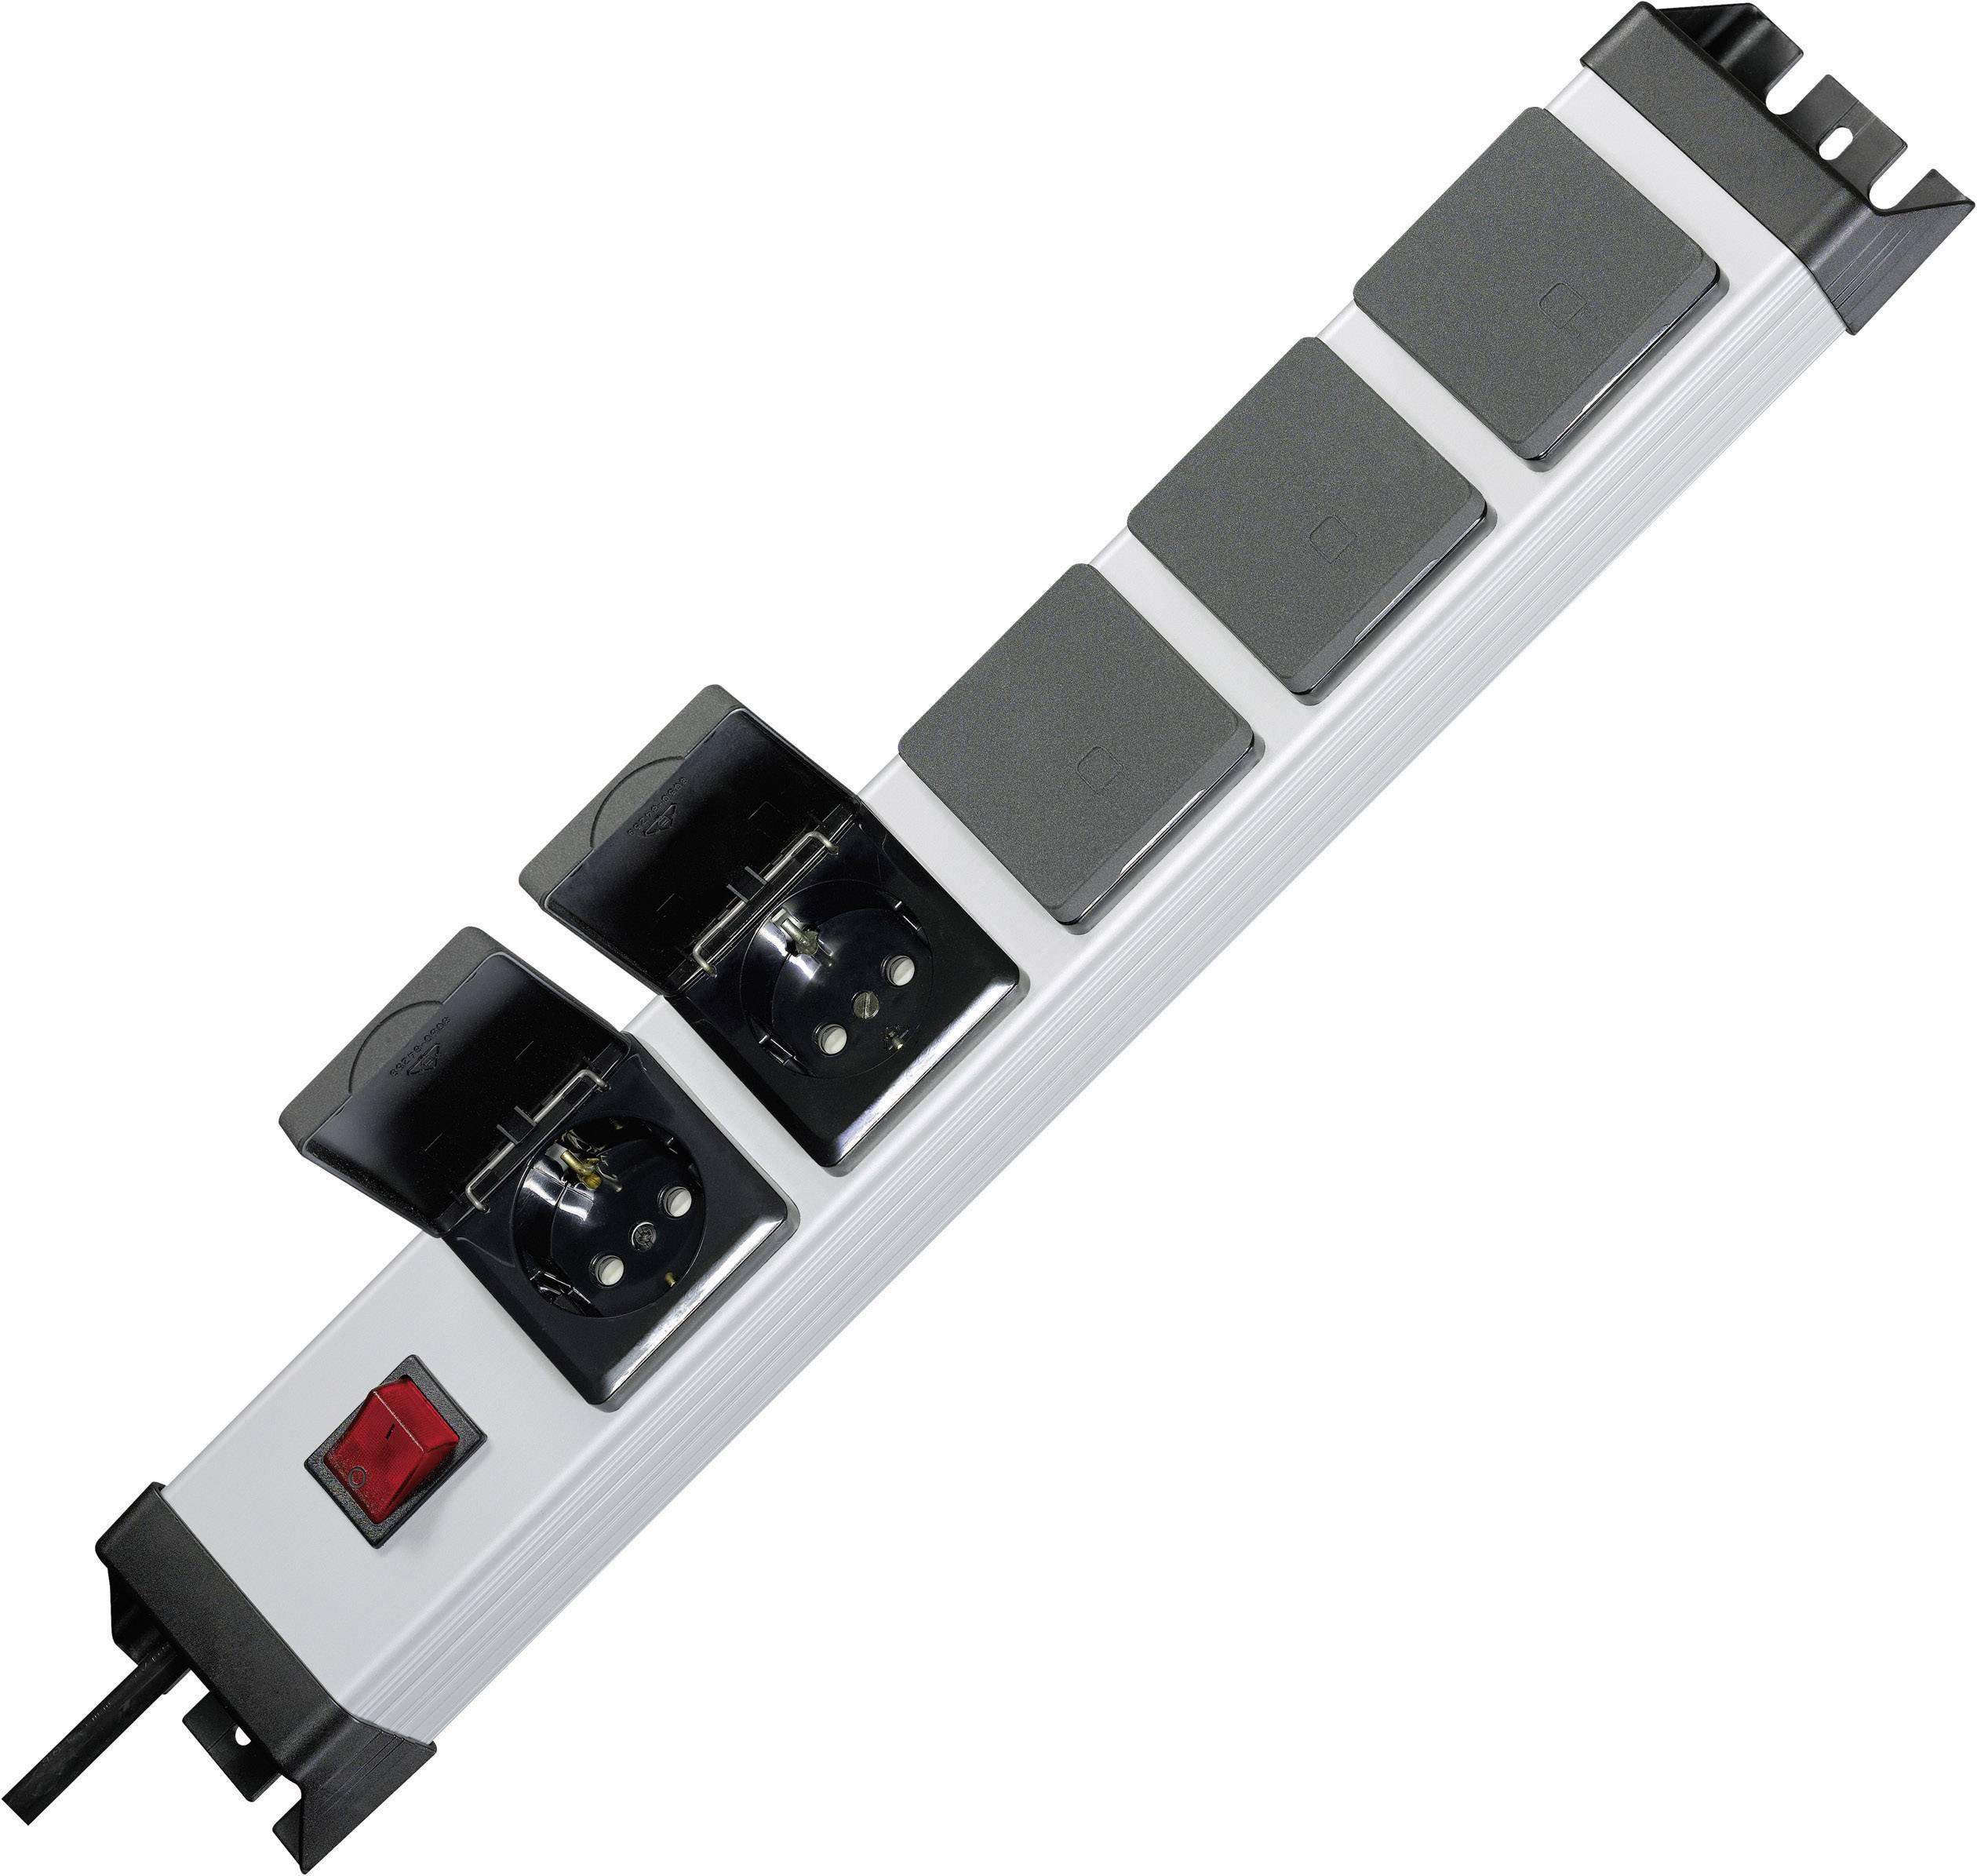 Zásuvková lišta Kopp so spínačom, 5 zásuviek s krytkou, strieborná